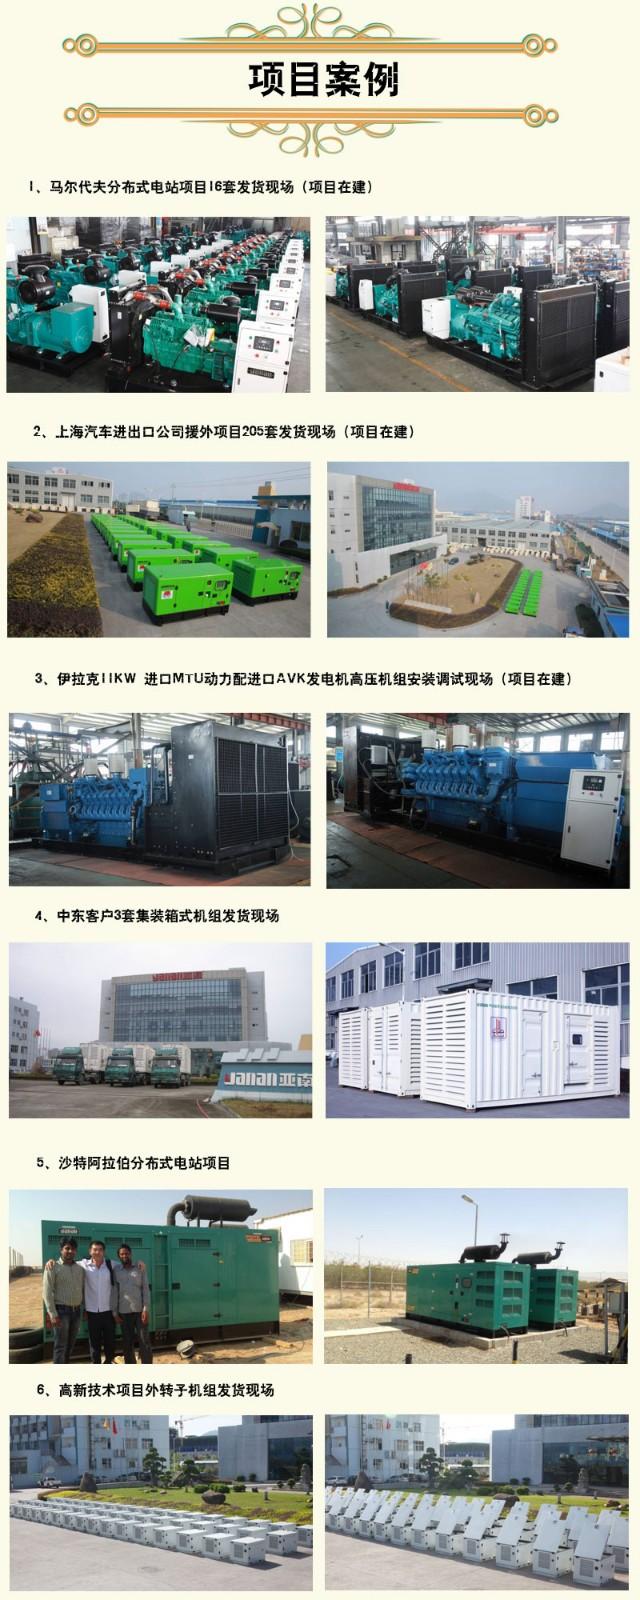 亚南G系列高压无刷同步发电机1000KW图片四